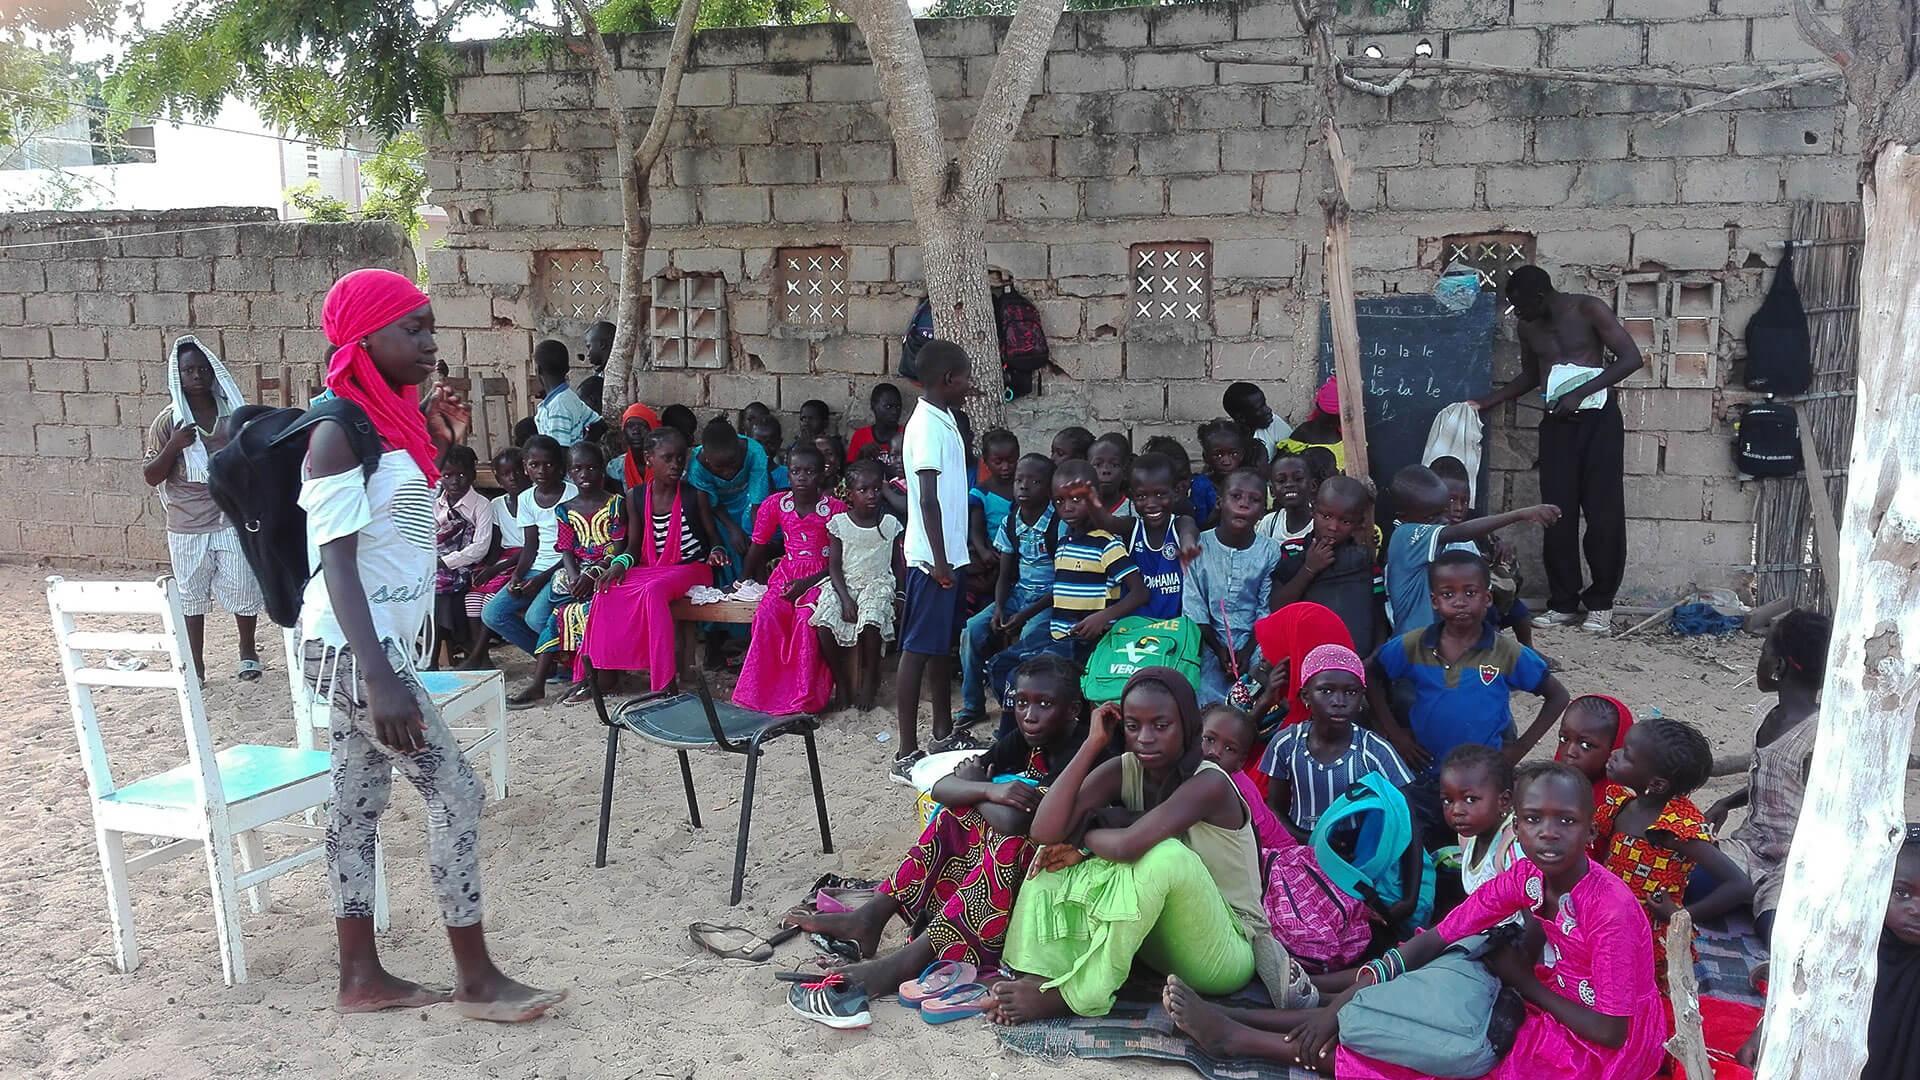 Alle warten auf die Gesangsstunde mit Grégoire / Tous attendent la classe de chant avec Grégoire